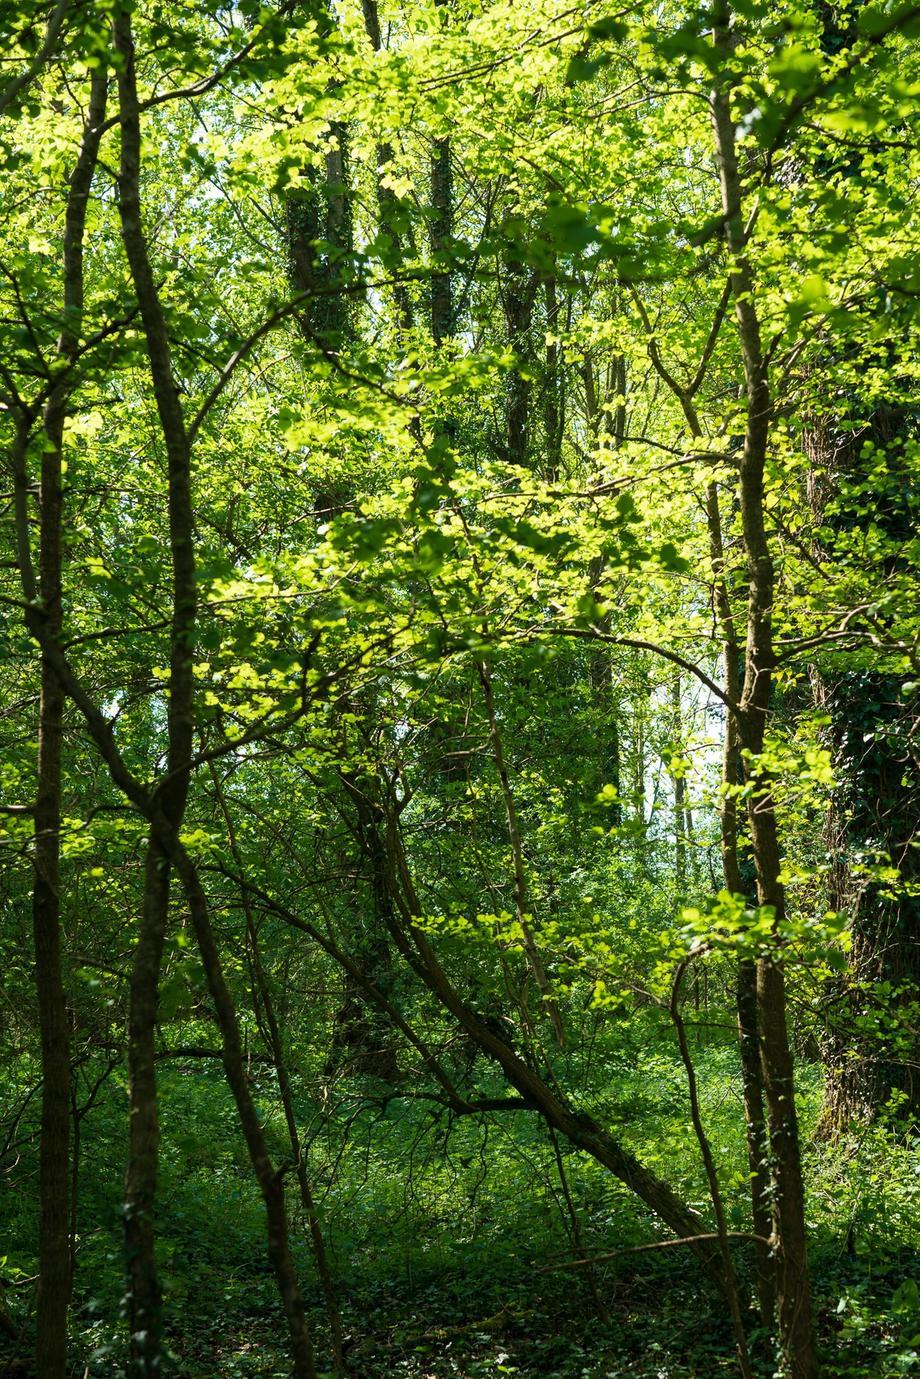 Backlit woodland